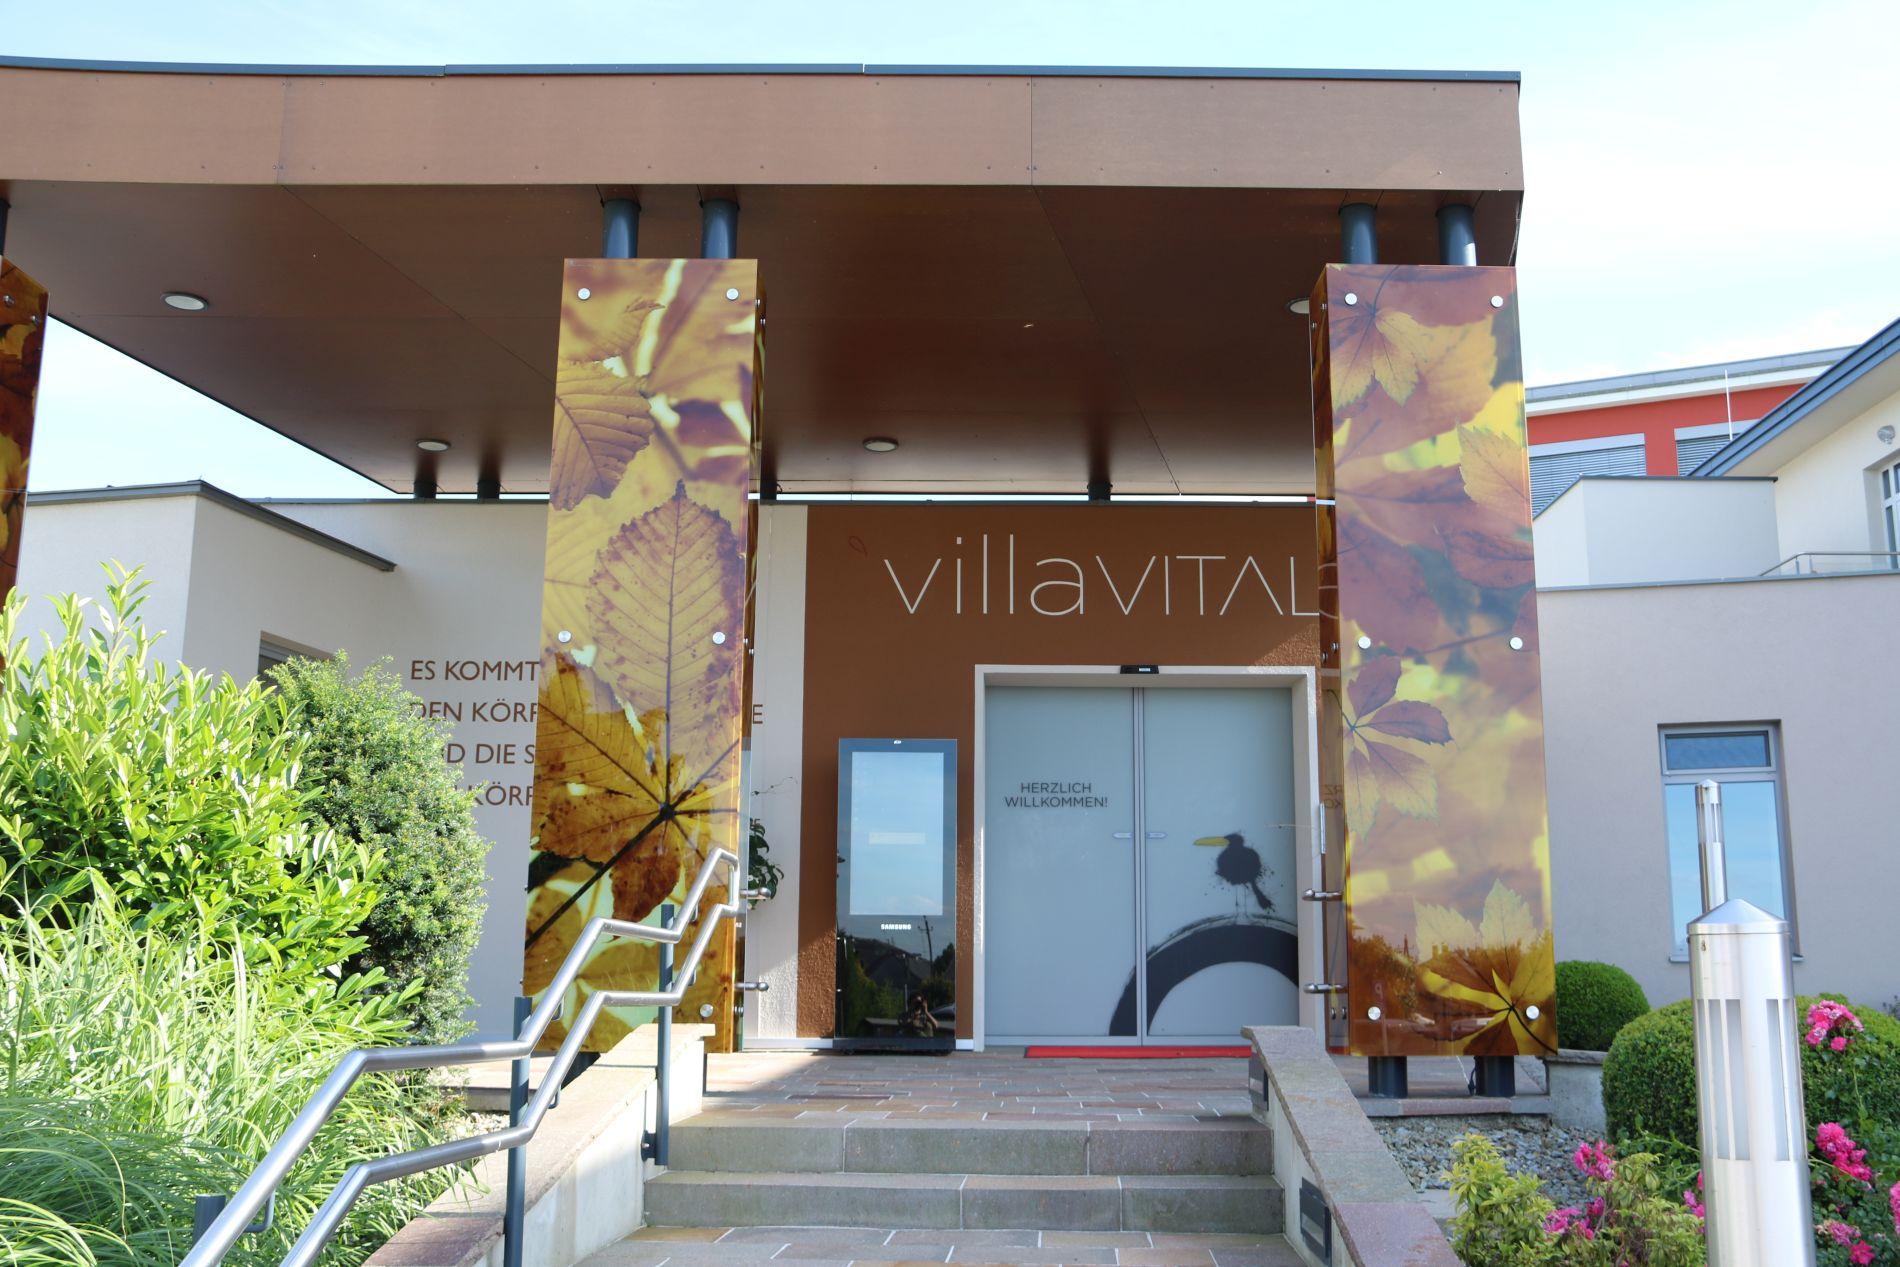 mosauerin innviertel villa vitalis